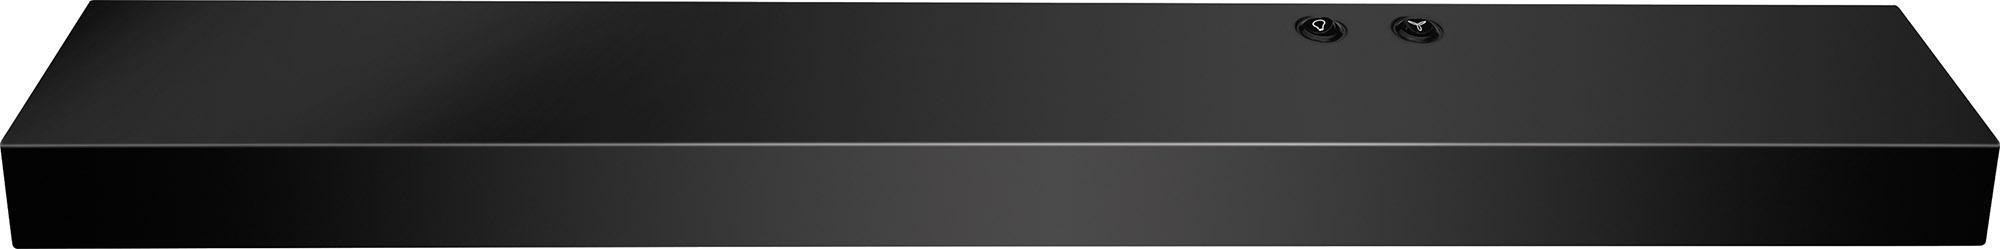 """Frigidaire Ventilation 36"""" Under-the-Cabinet Range Hood - Item Number: FHWC3625MB"""